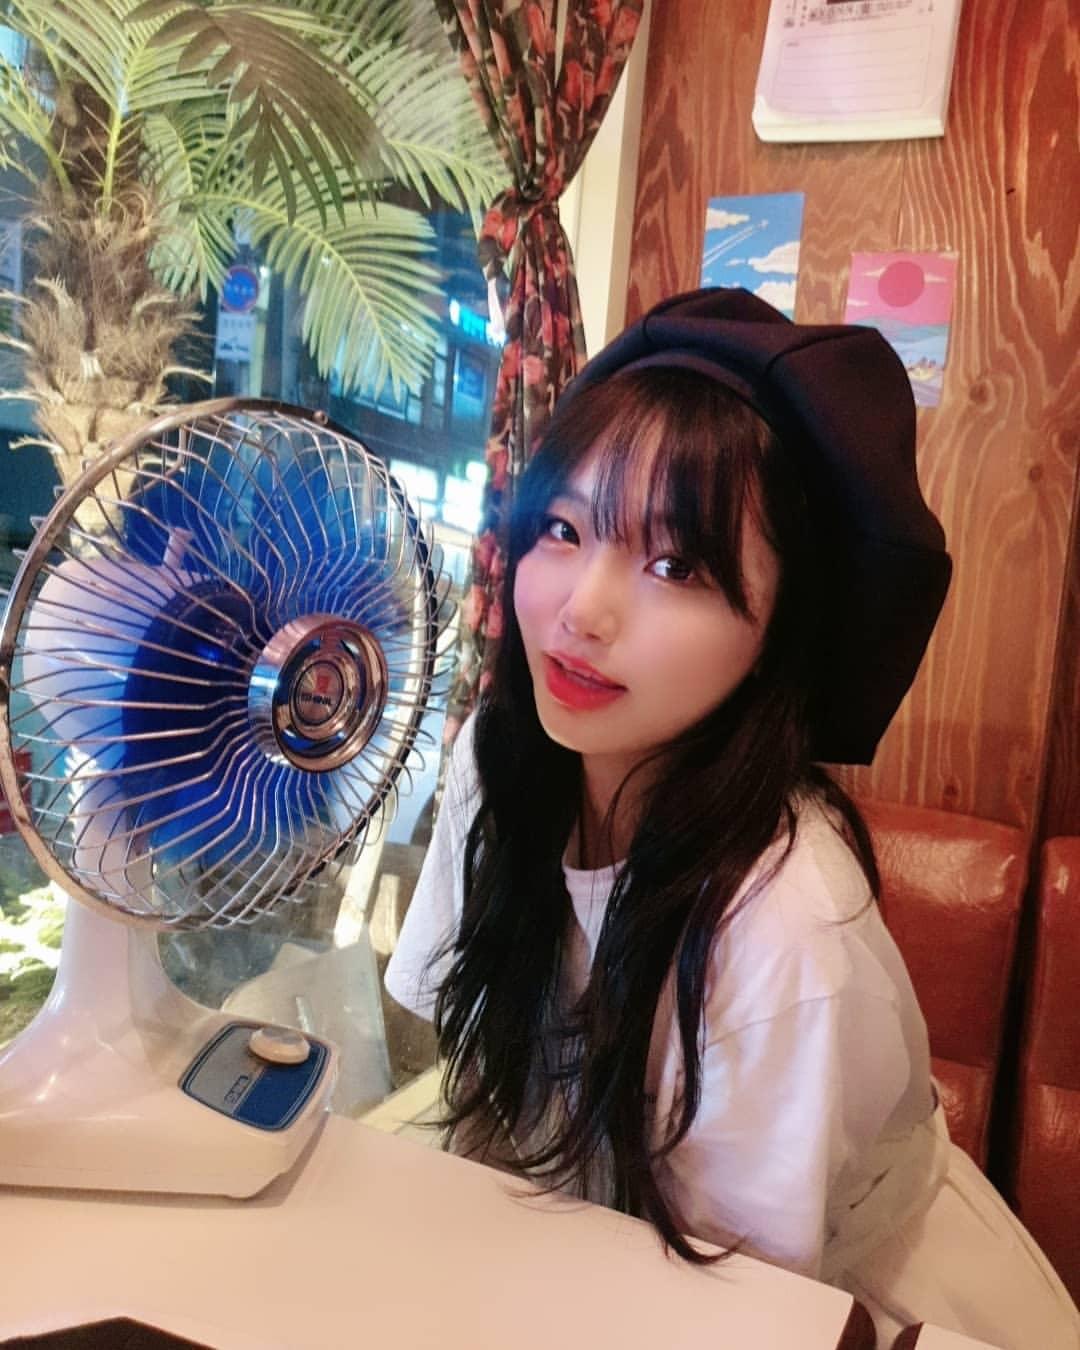 韩国女主播兼cosplay美女+二次元妹子秀莲 韩国妹子 女主播 第21张